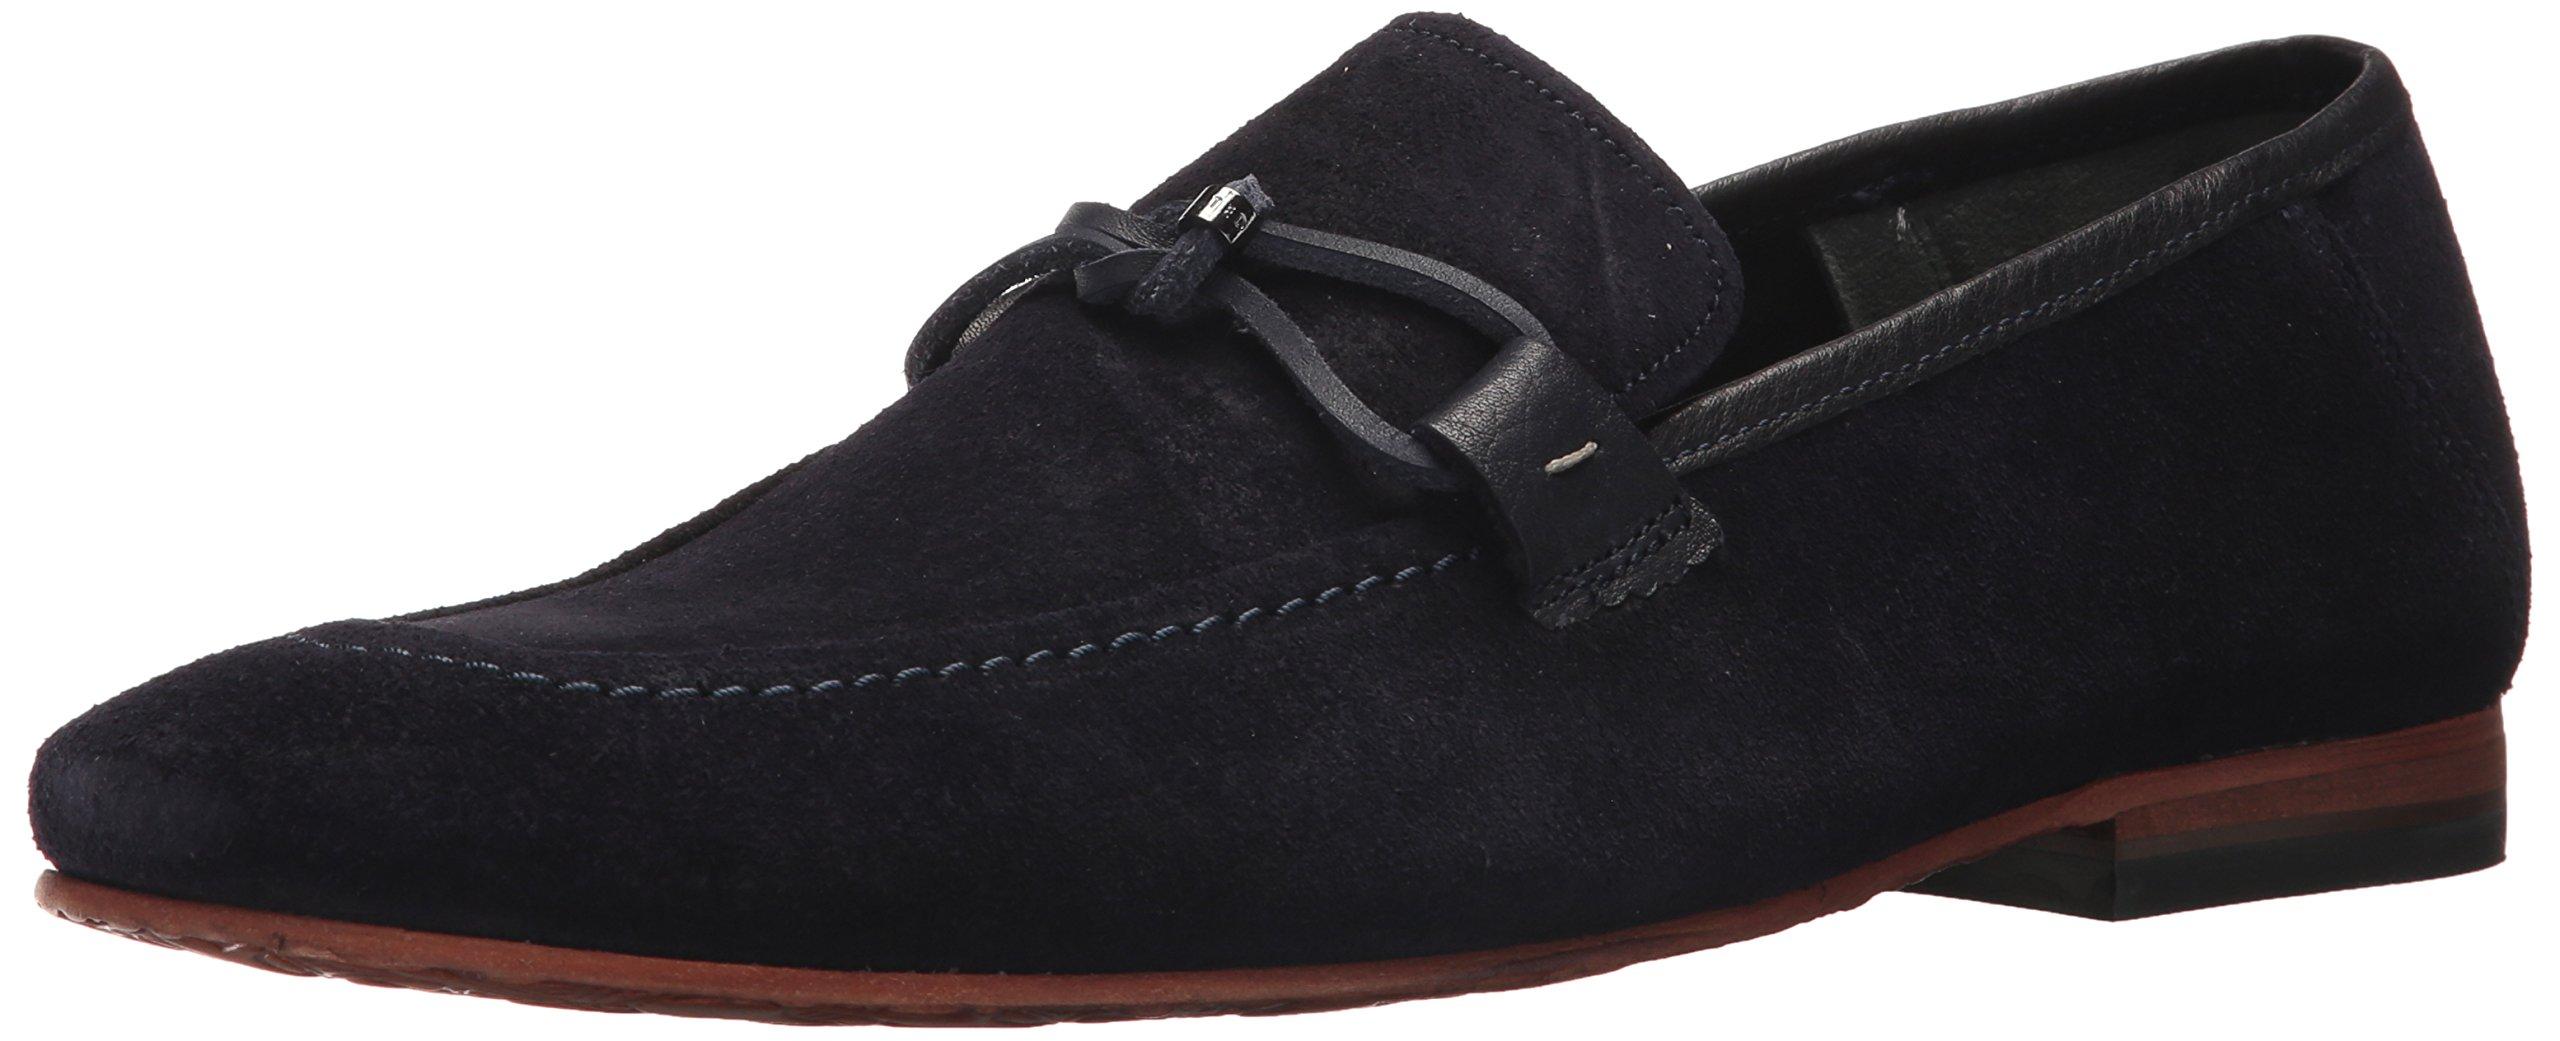 Ted Baker Men's Hoppken Loafer, Dark Blue, 11.5 D(M) US